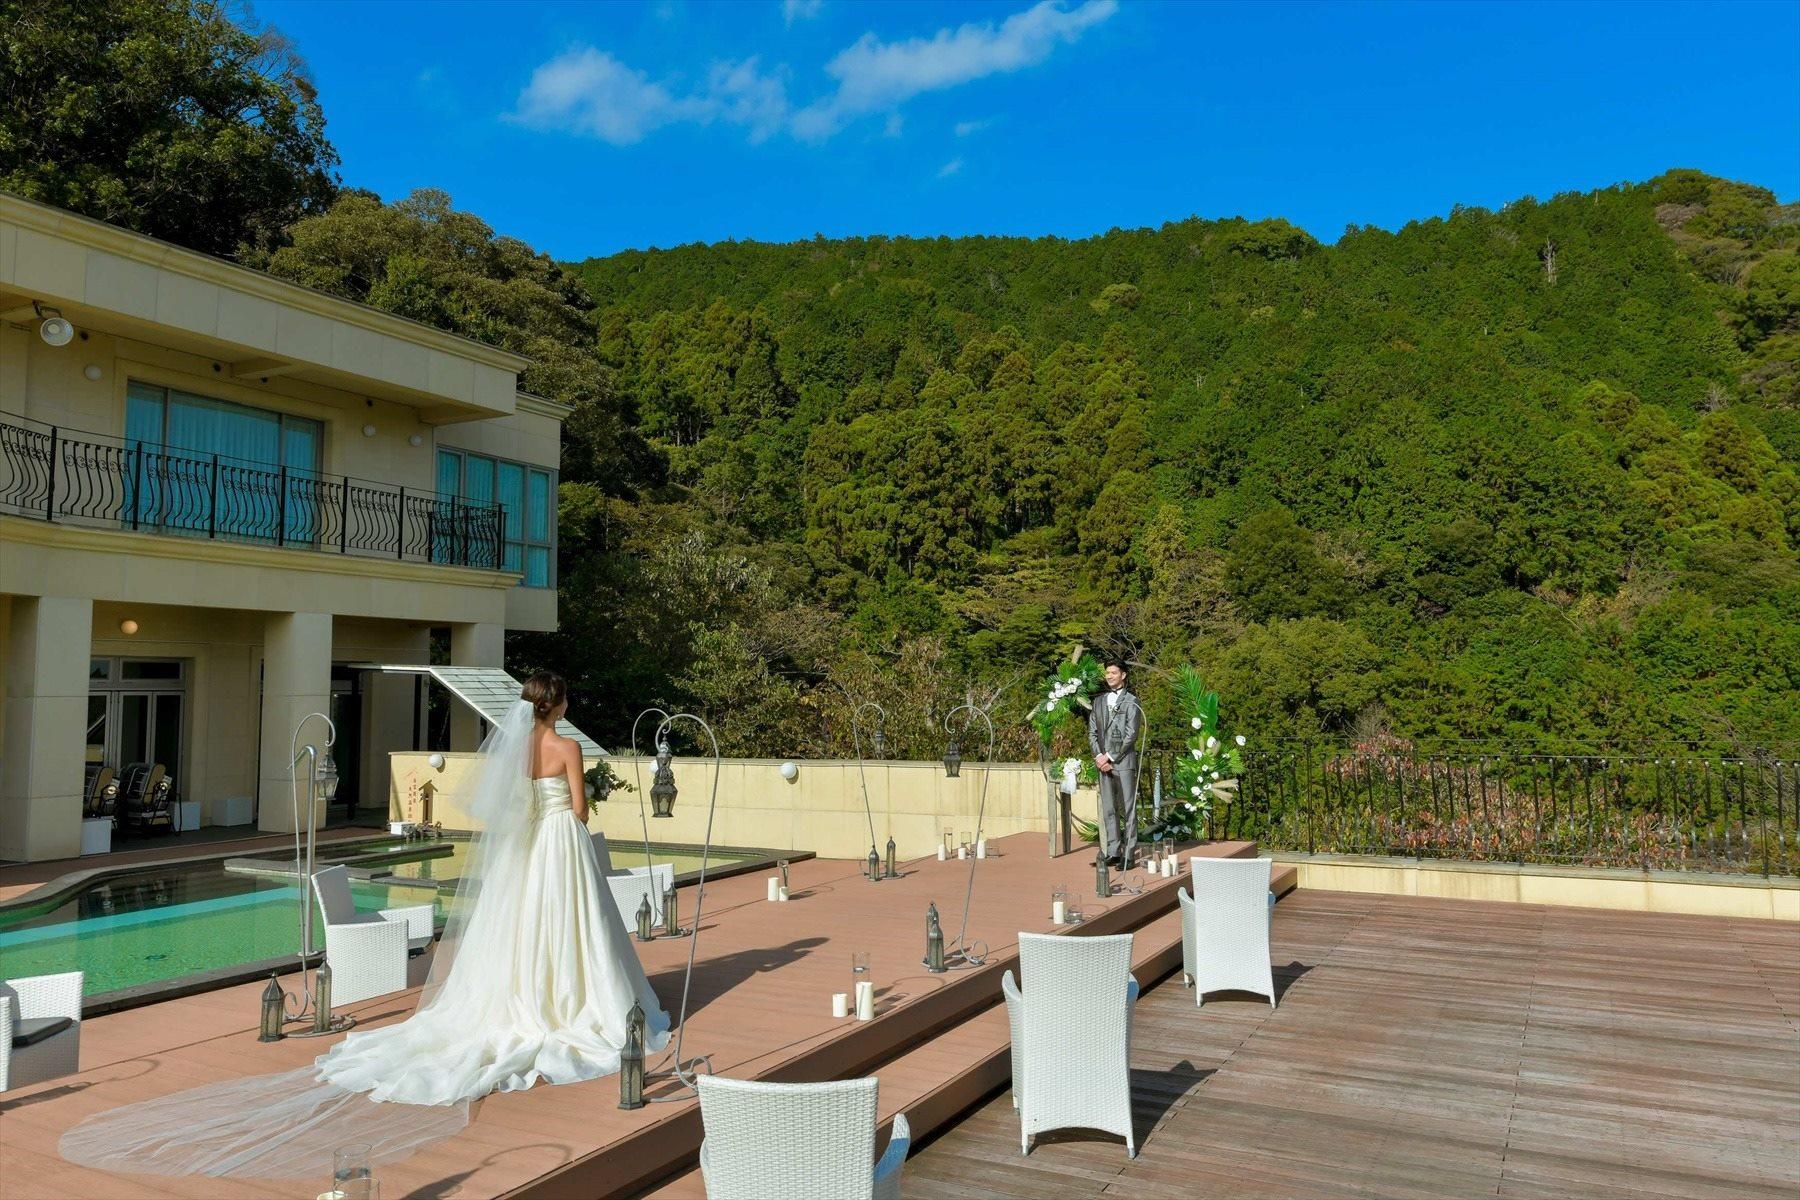 静岡県結婚式会場 静岡邸宅貸切ウェディング  東静岡結婚式場 結婚式場静岡